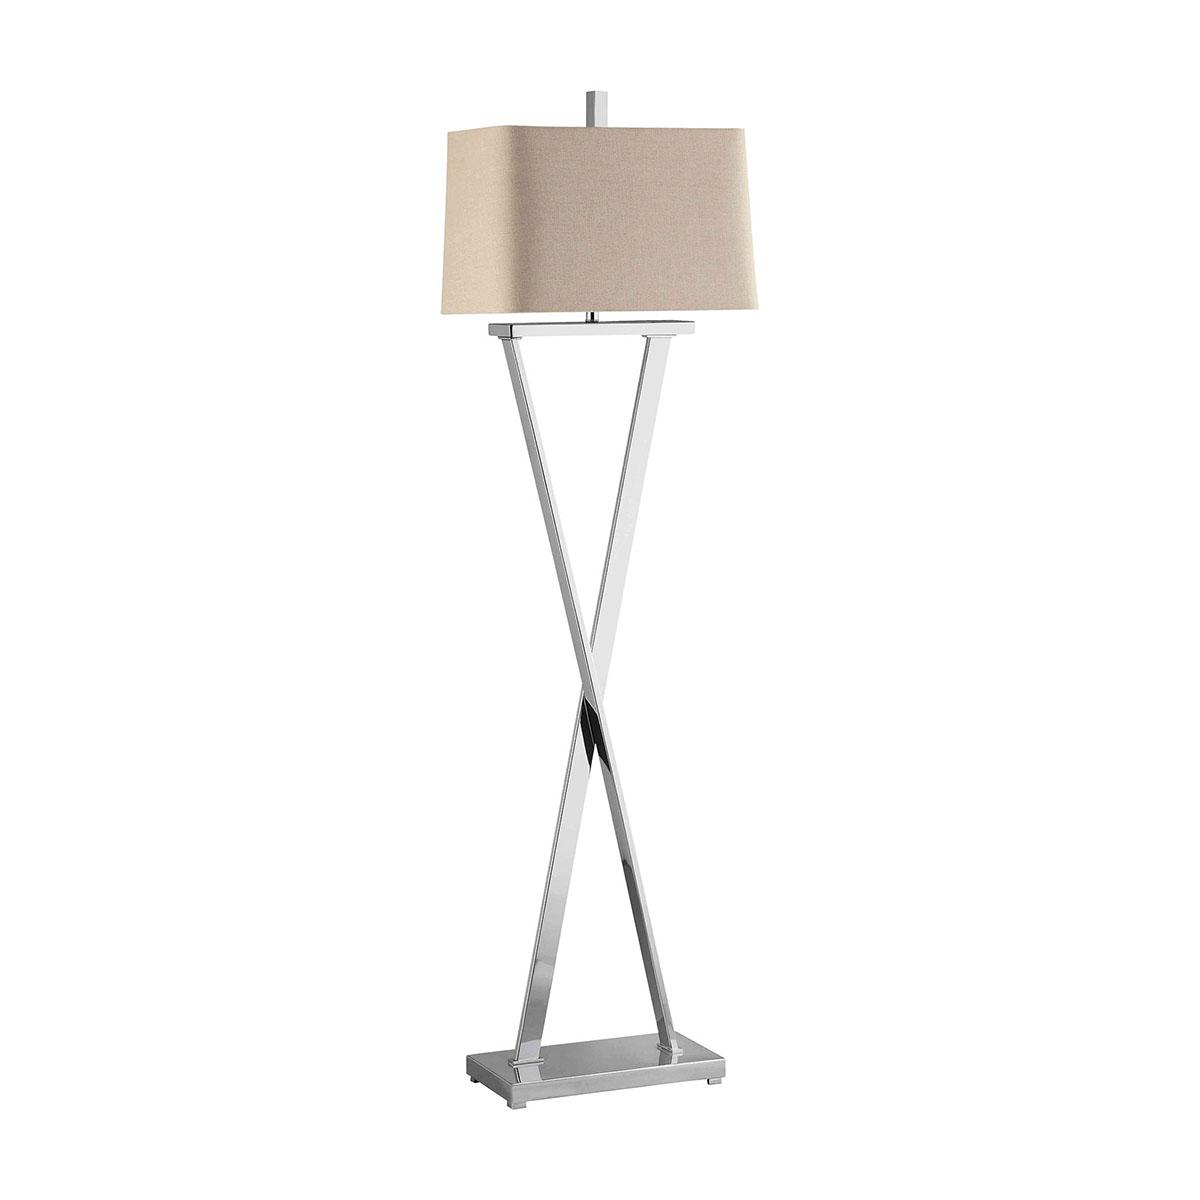 Stein World Max Floor Lamp